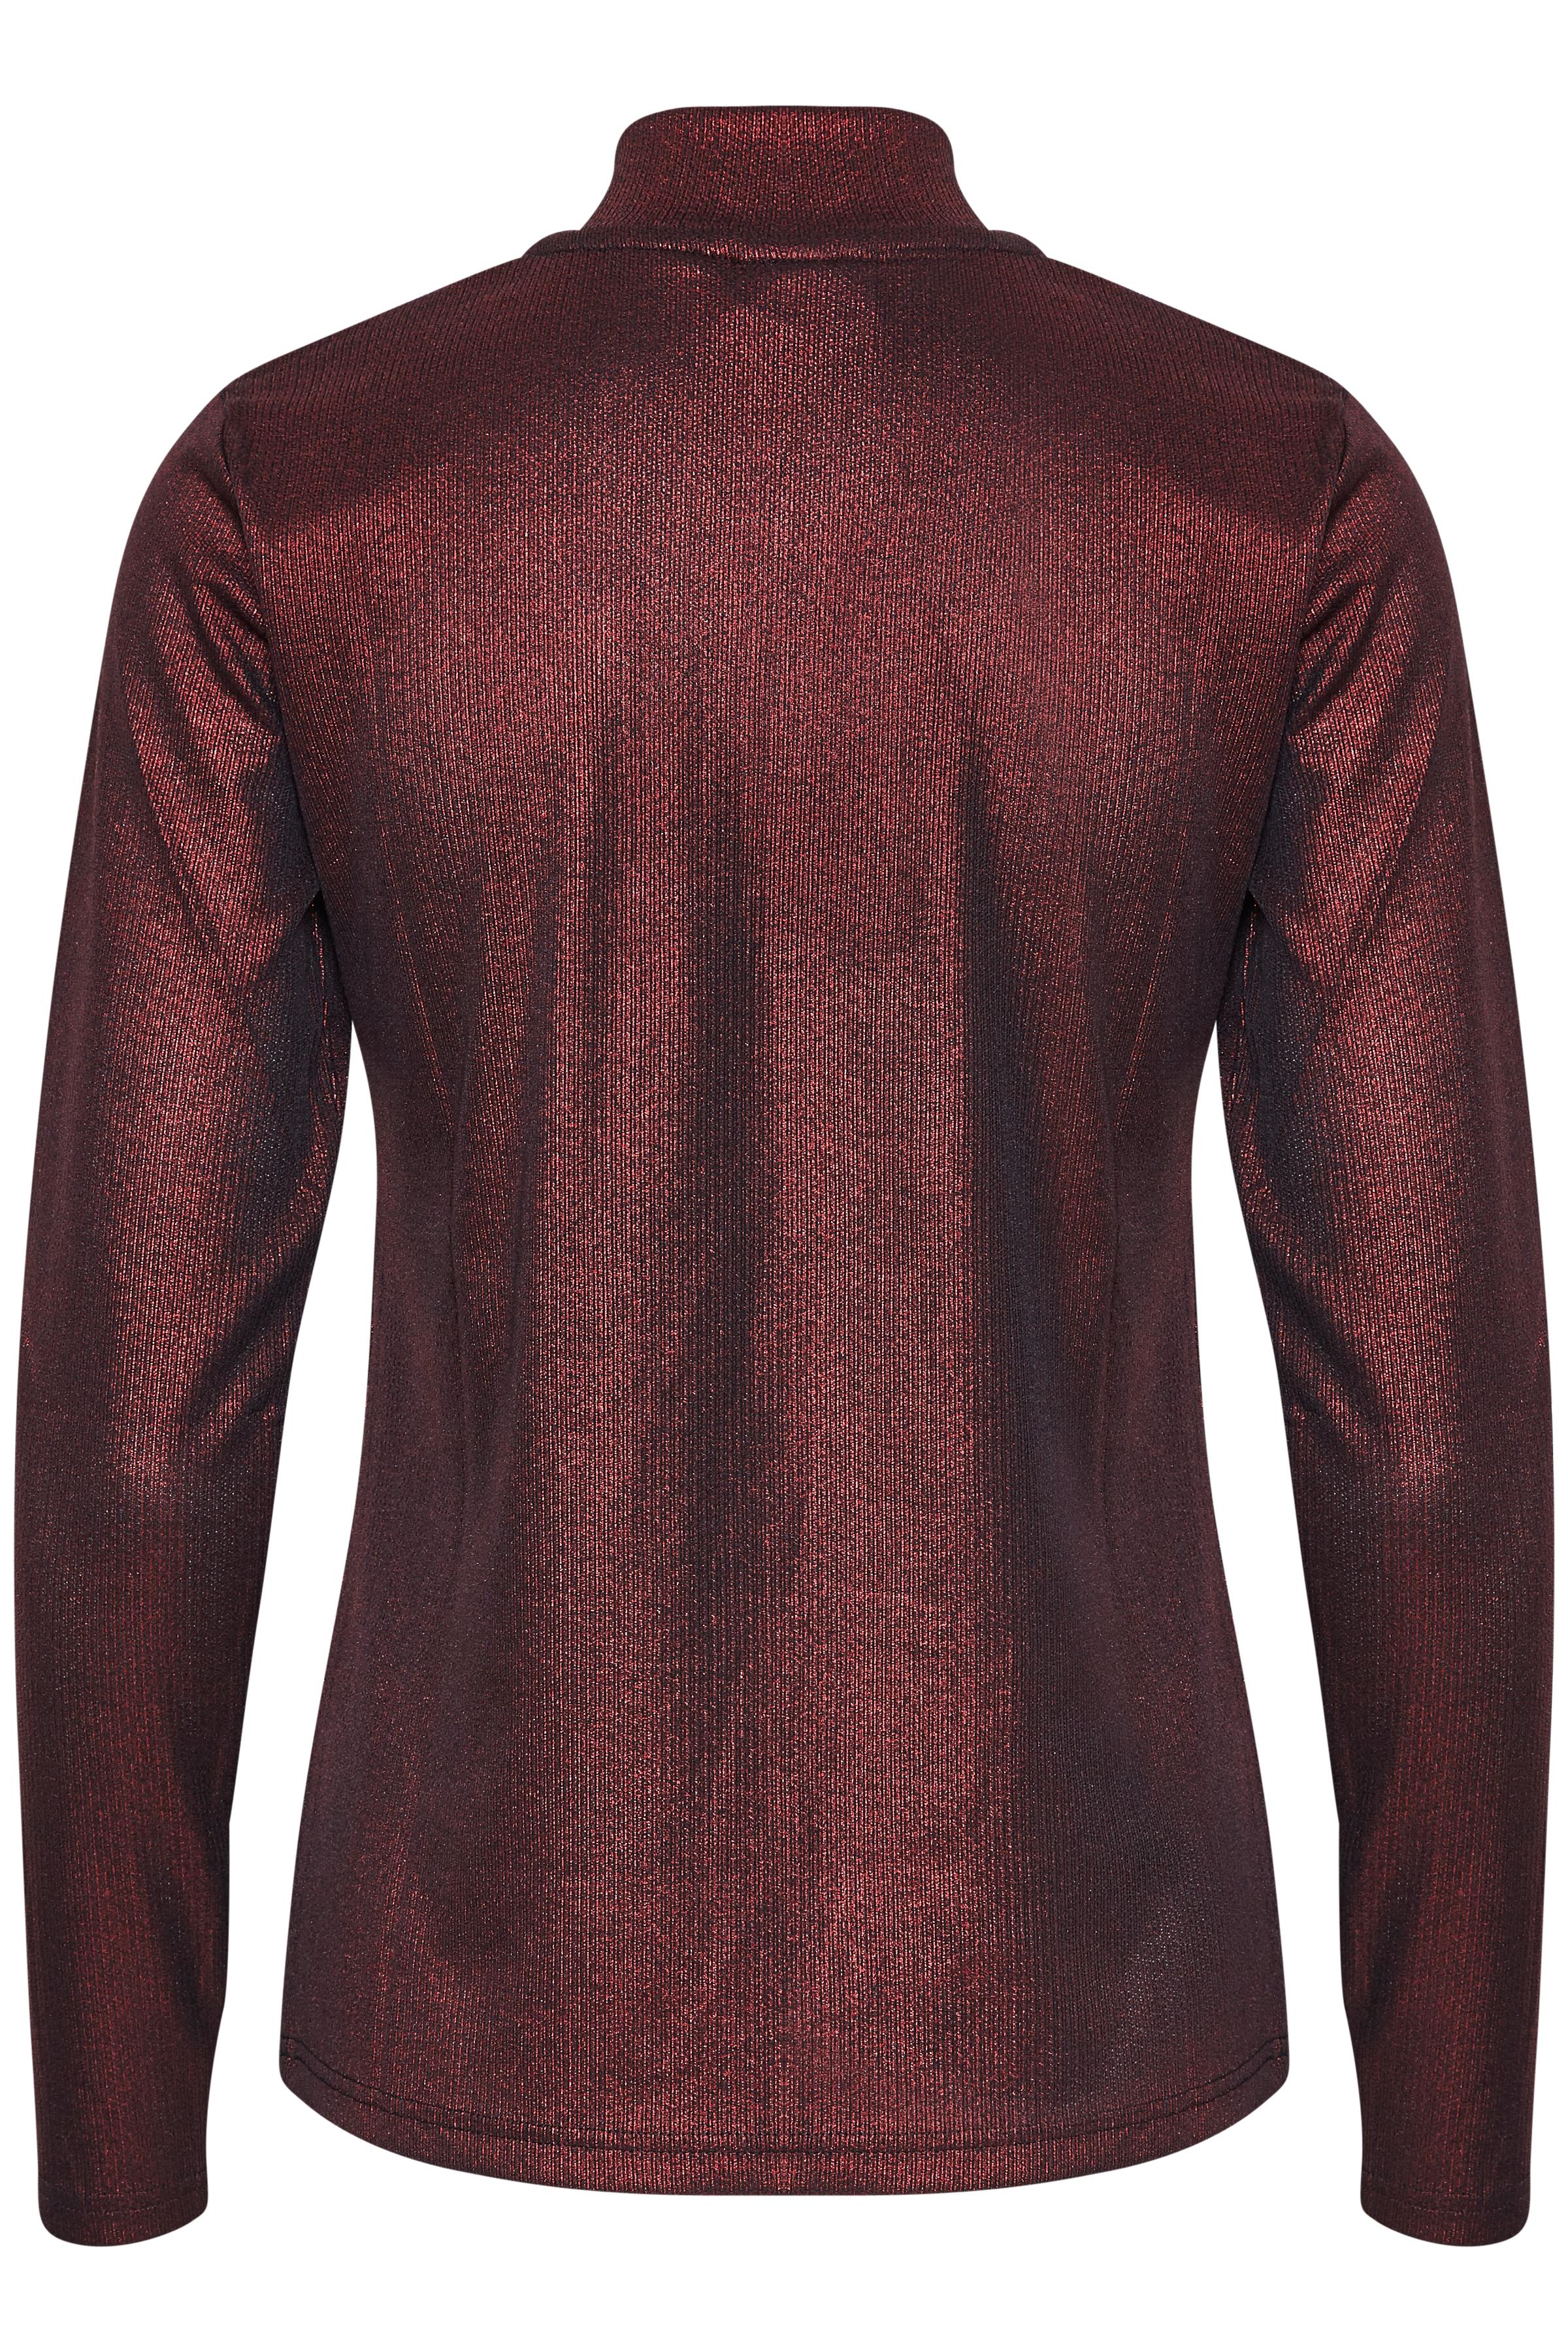 Donkerrood T-shirt lange mouw van Kaffe – Door Donkerrood T-shirt lange mouw van maat. XS-XXL hier